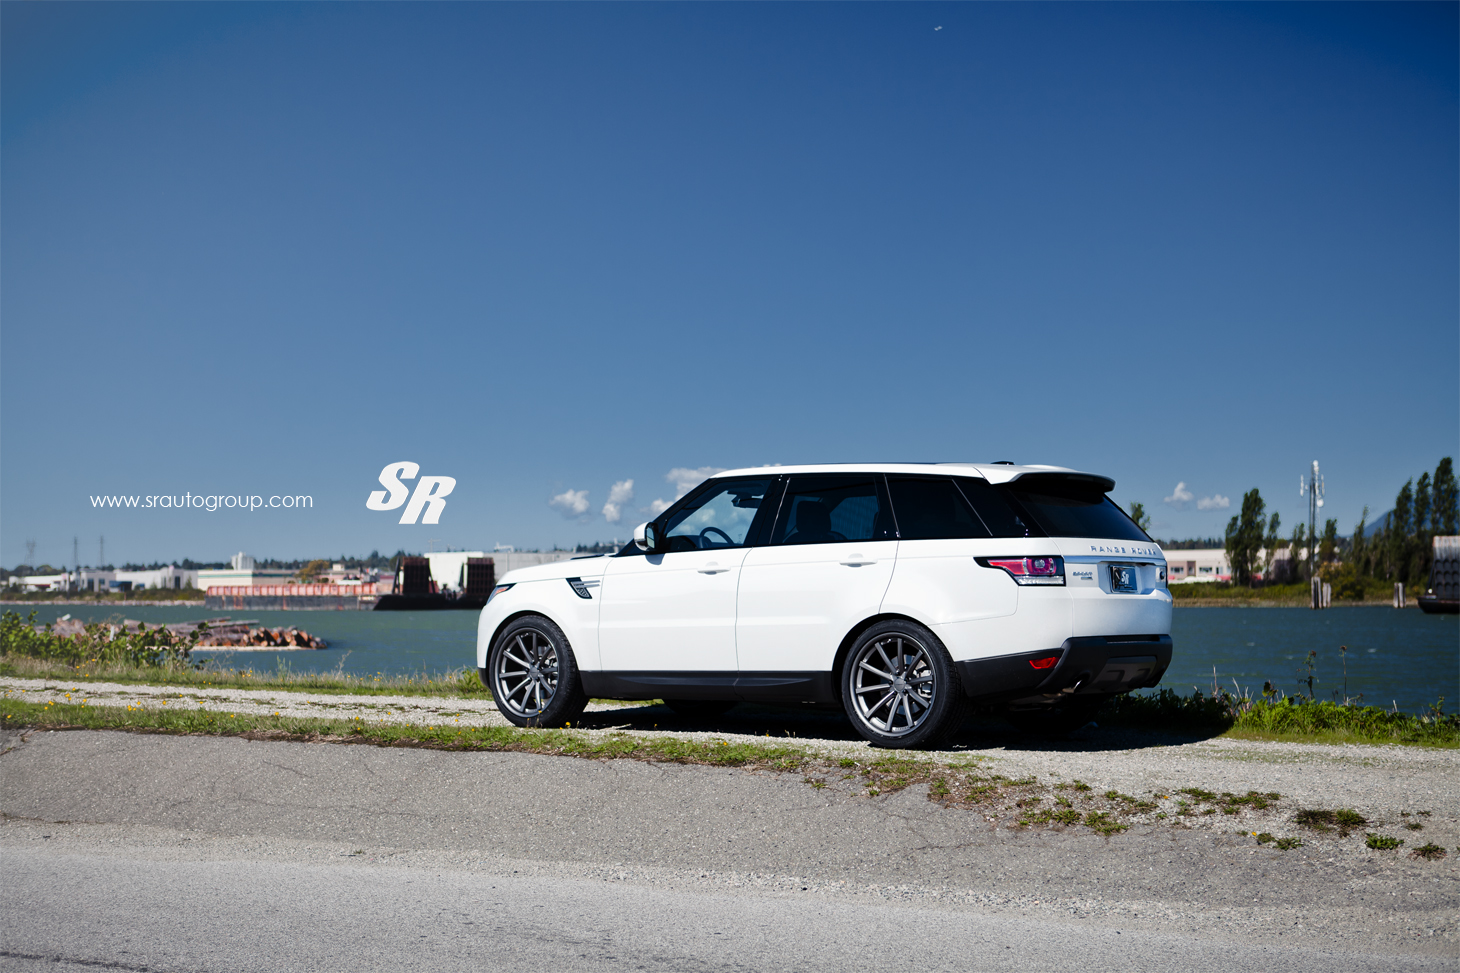 2014 Range Rover Wheels 2014 Range Rover Sport on Cv1